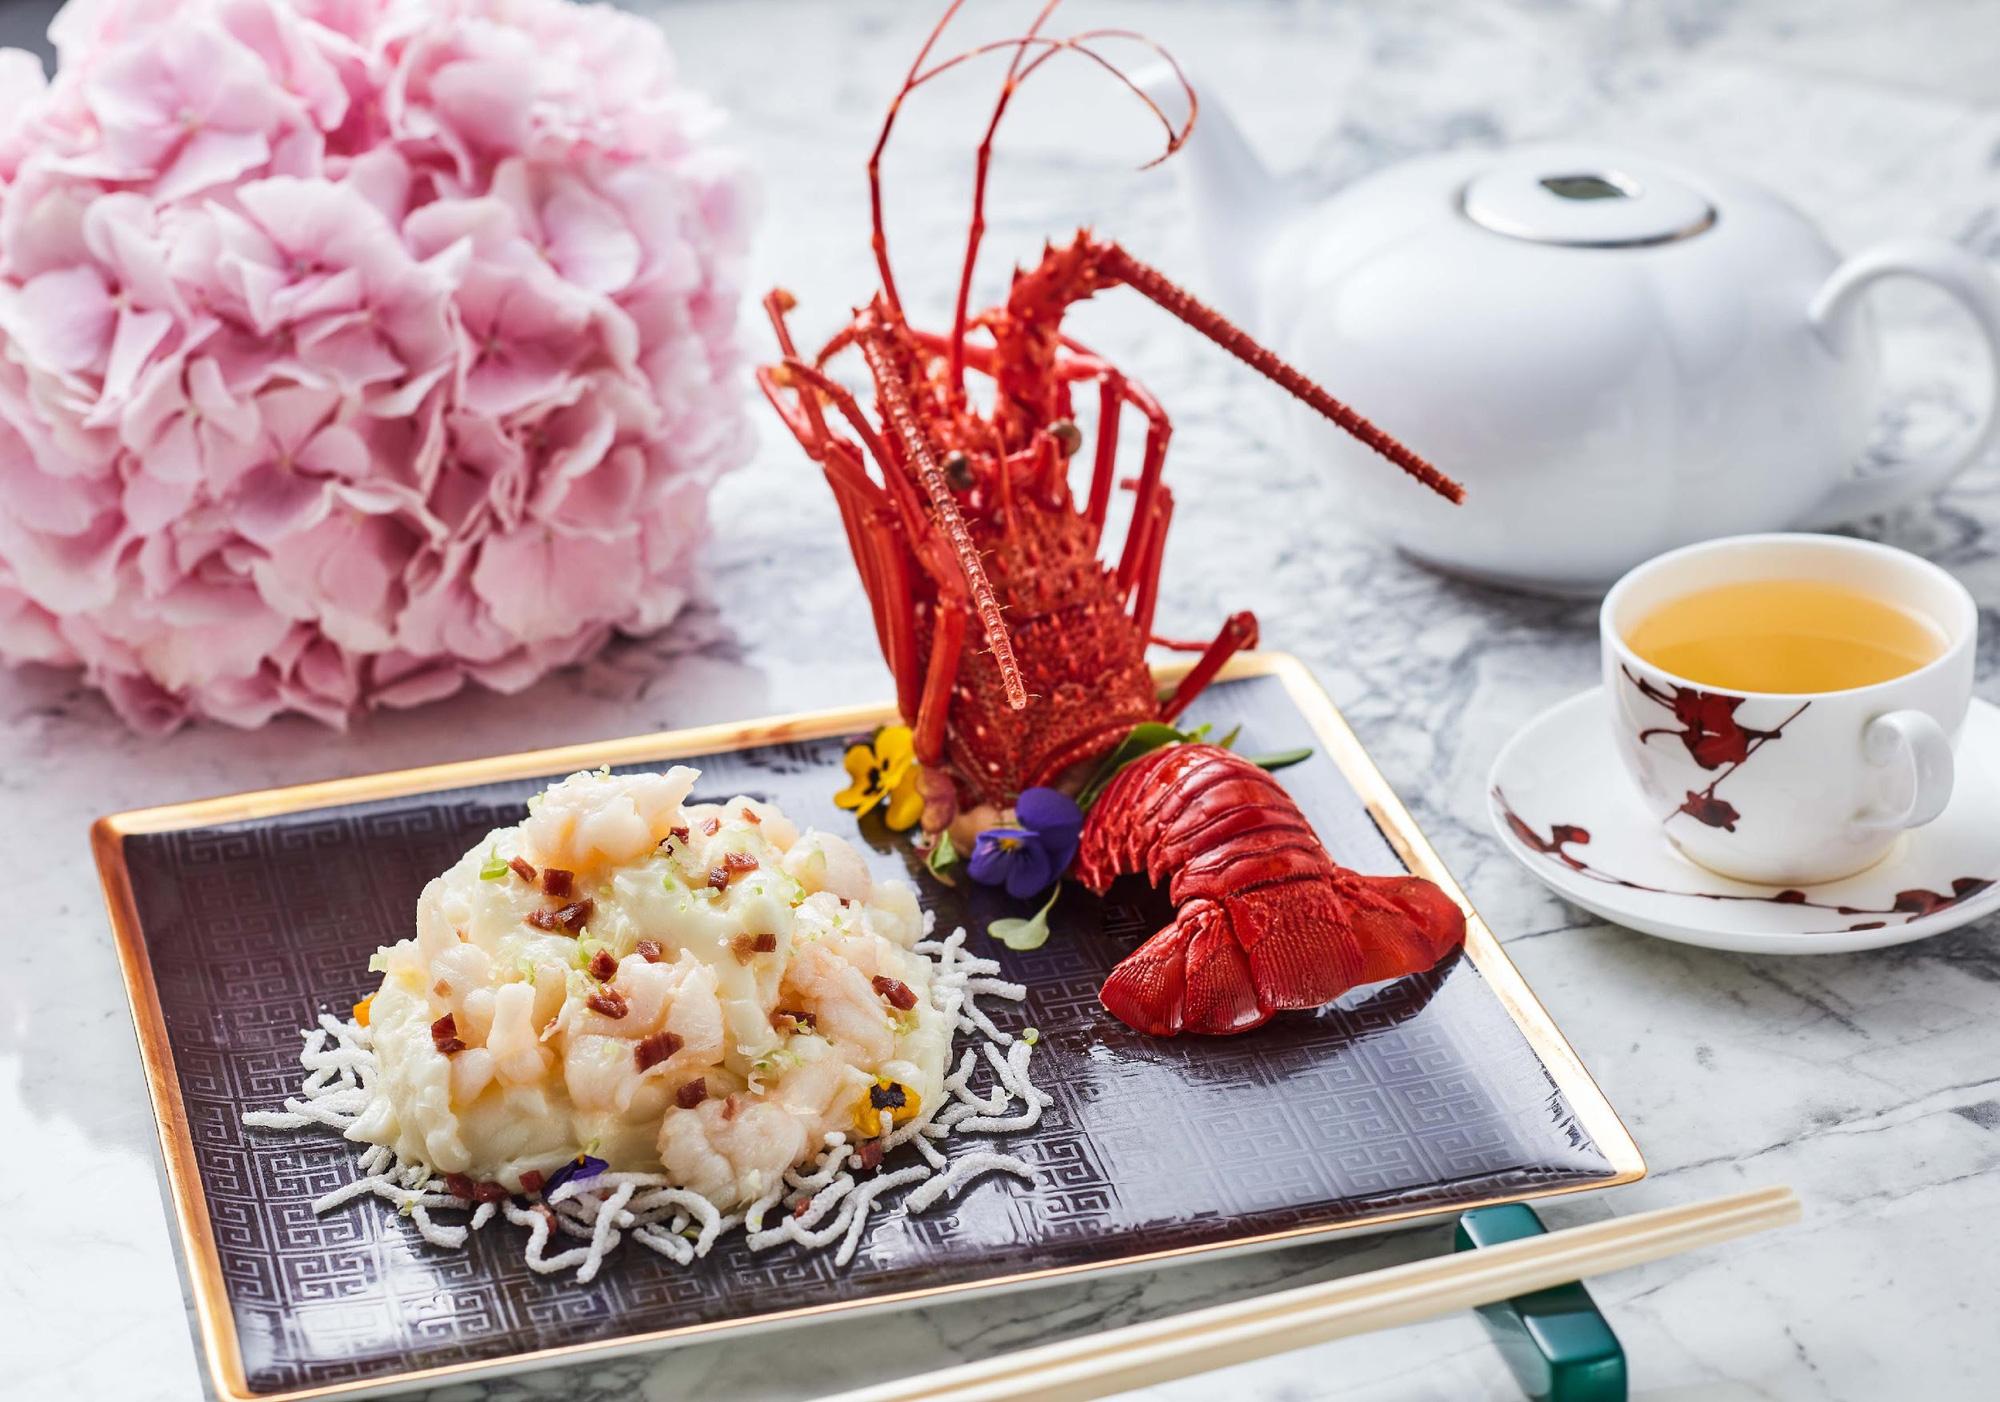 5 nhà hàng ấn tượng nhất định phải ghé khi du lịch Hồng Kông - Ảnh 5.